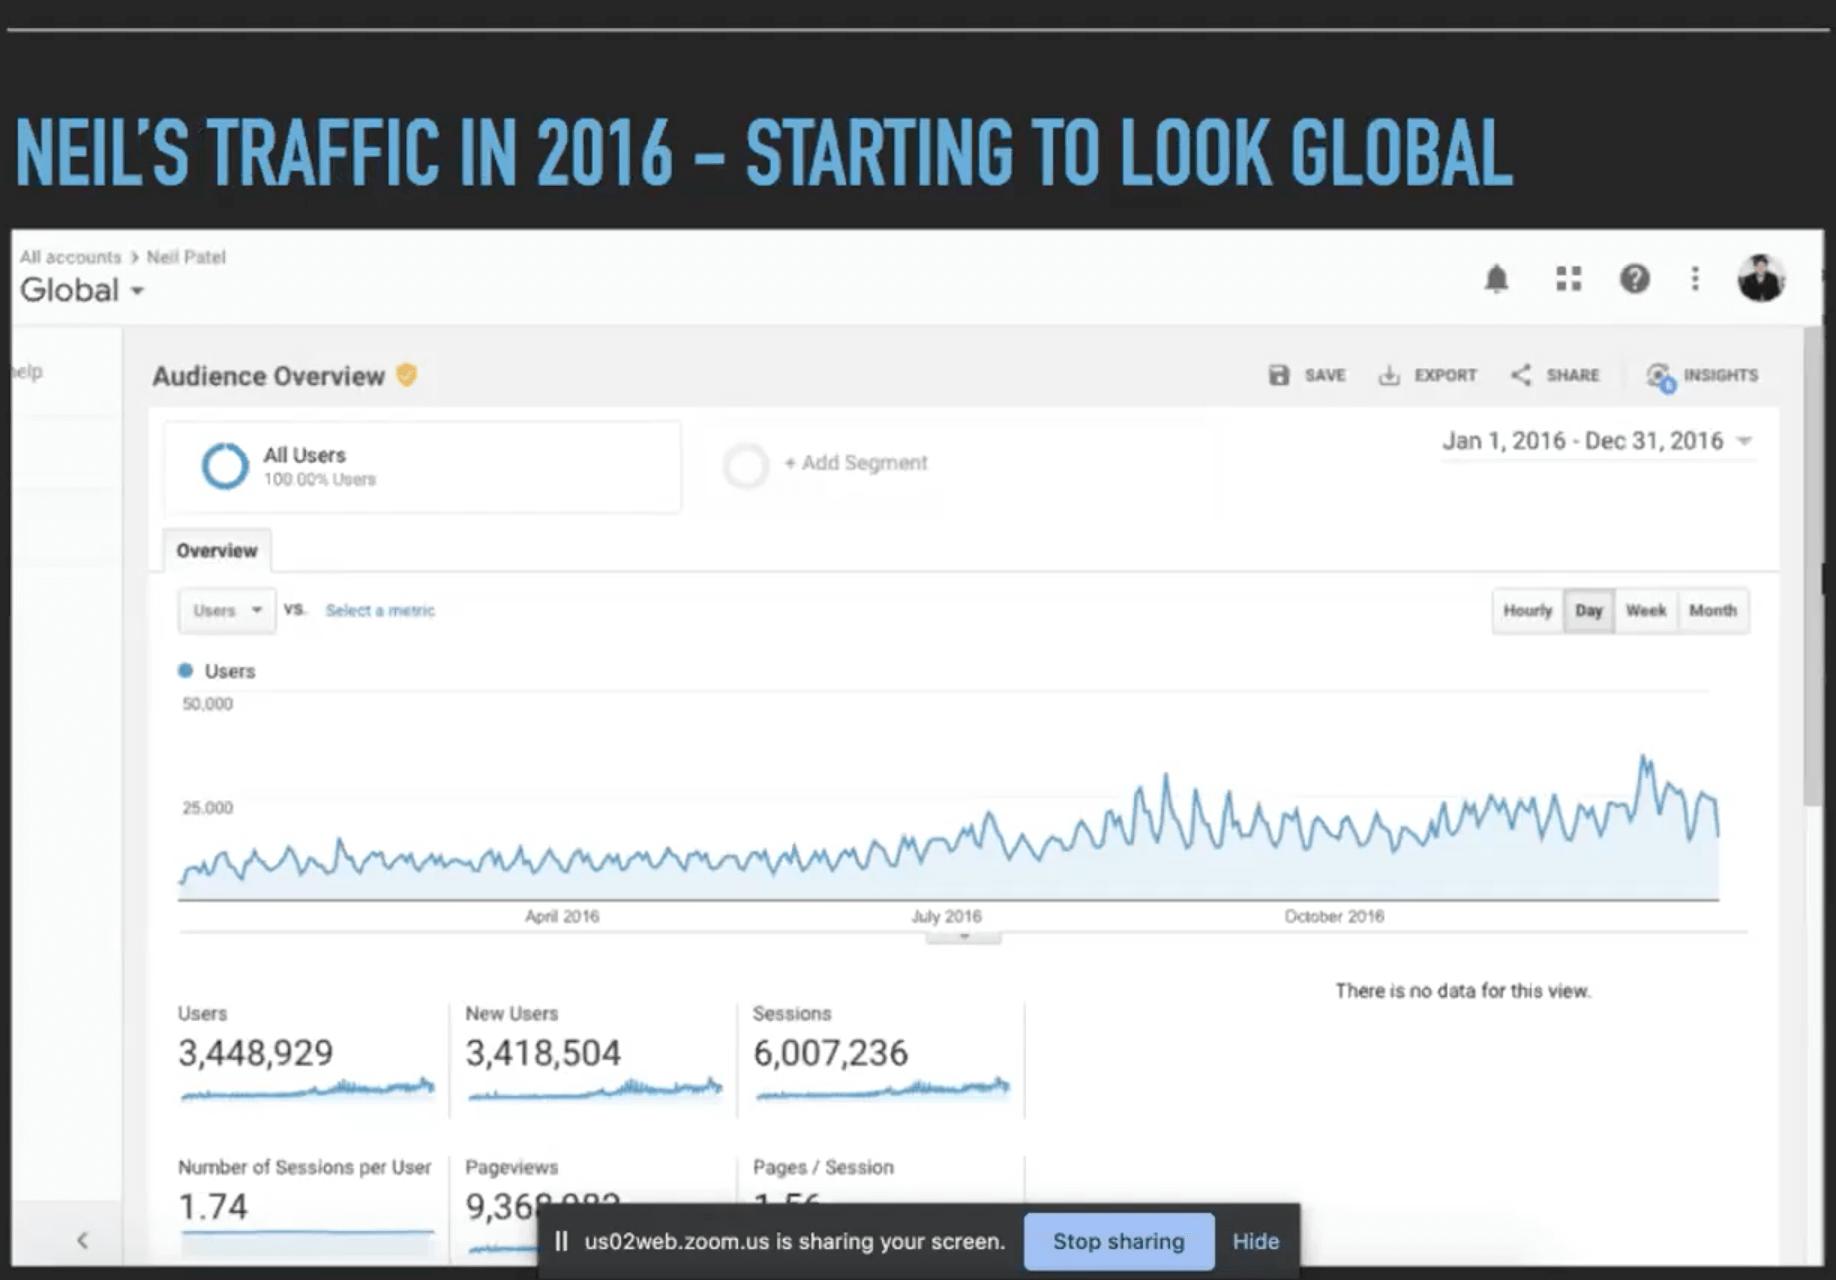 courbe du trafic du site web neilpatel.com en 2016